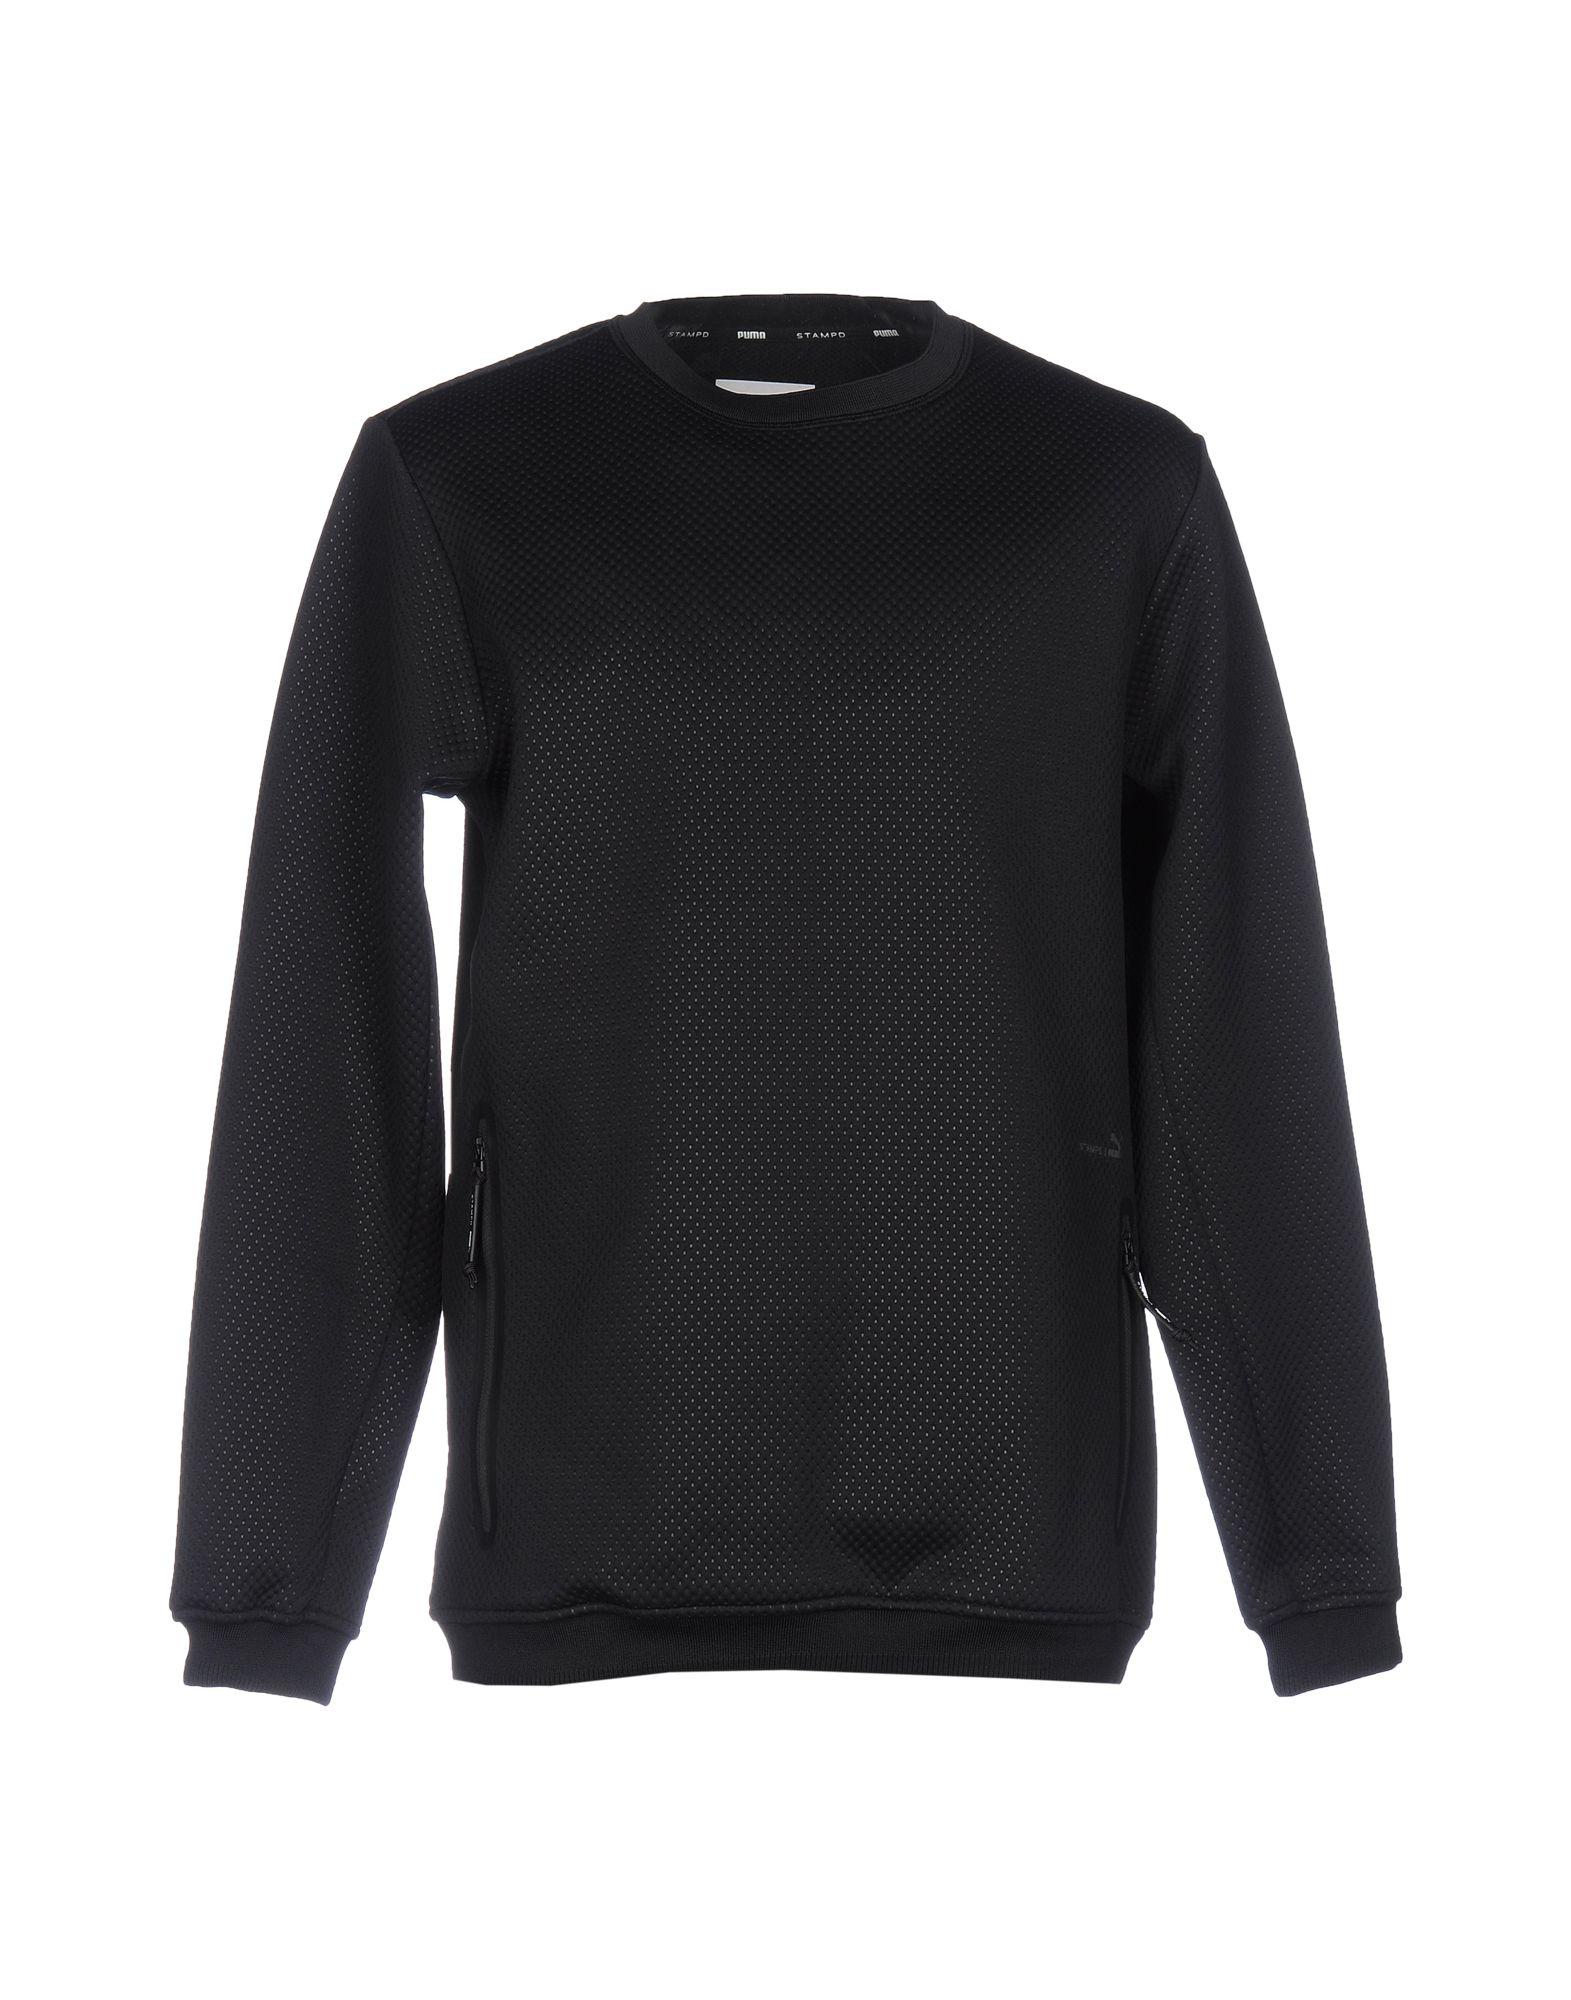 STAMPD x PUMA Herren Sweatshirt Farbe Schwarz Größe 7